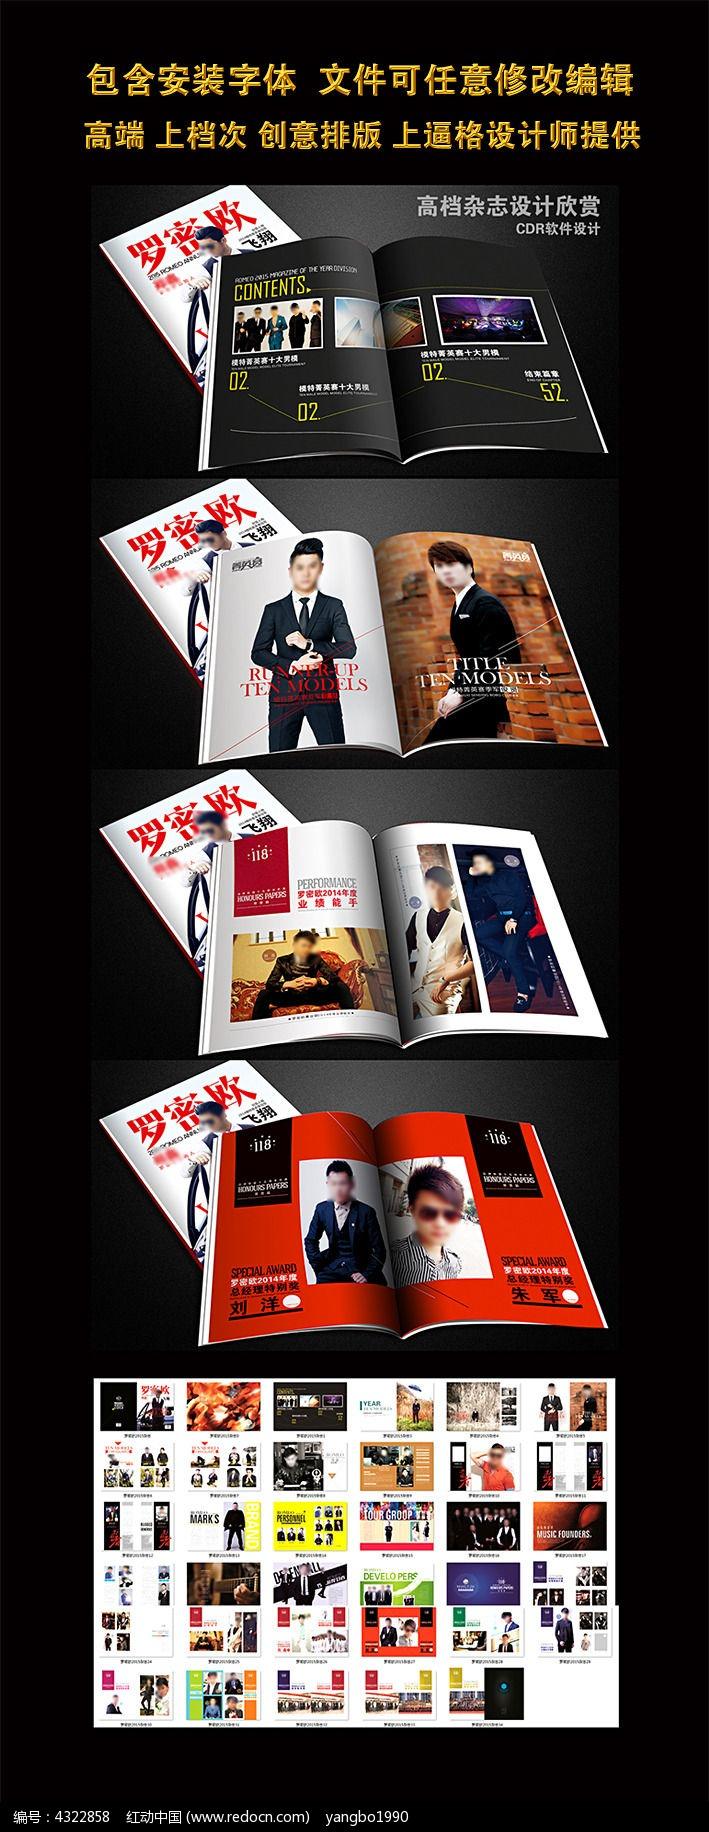 时尚高端杂志排版设计cdr素材下载(编号4322858)_红动图片